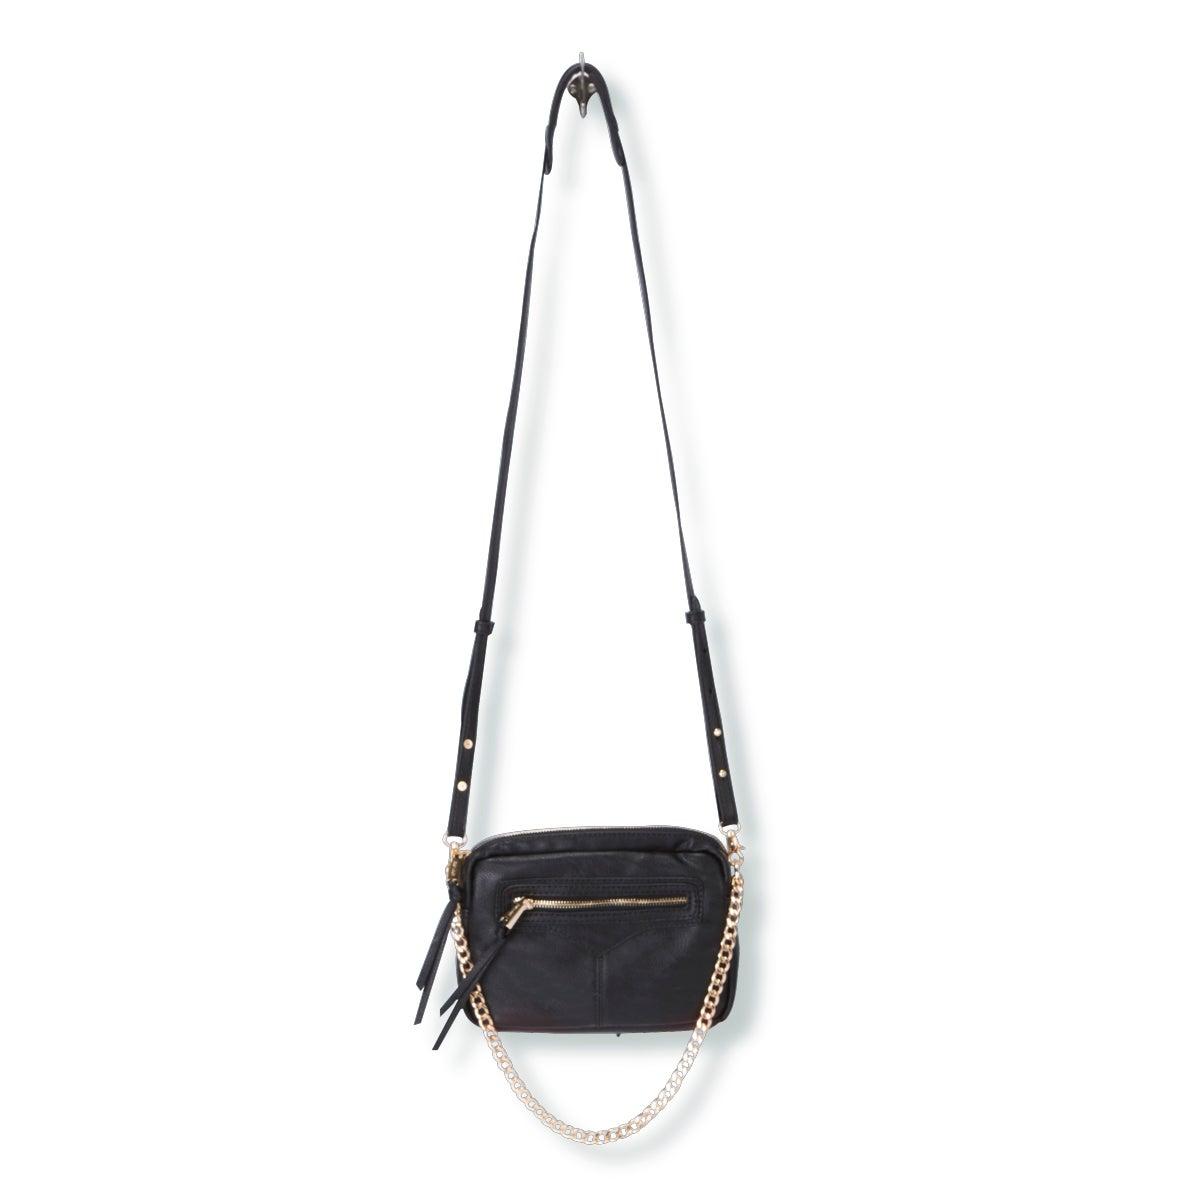 Lds Zip Zip black cross body bag